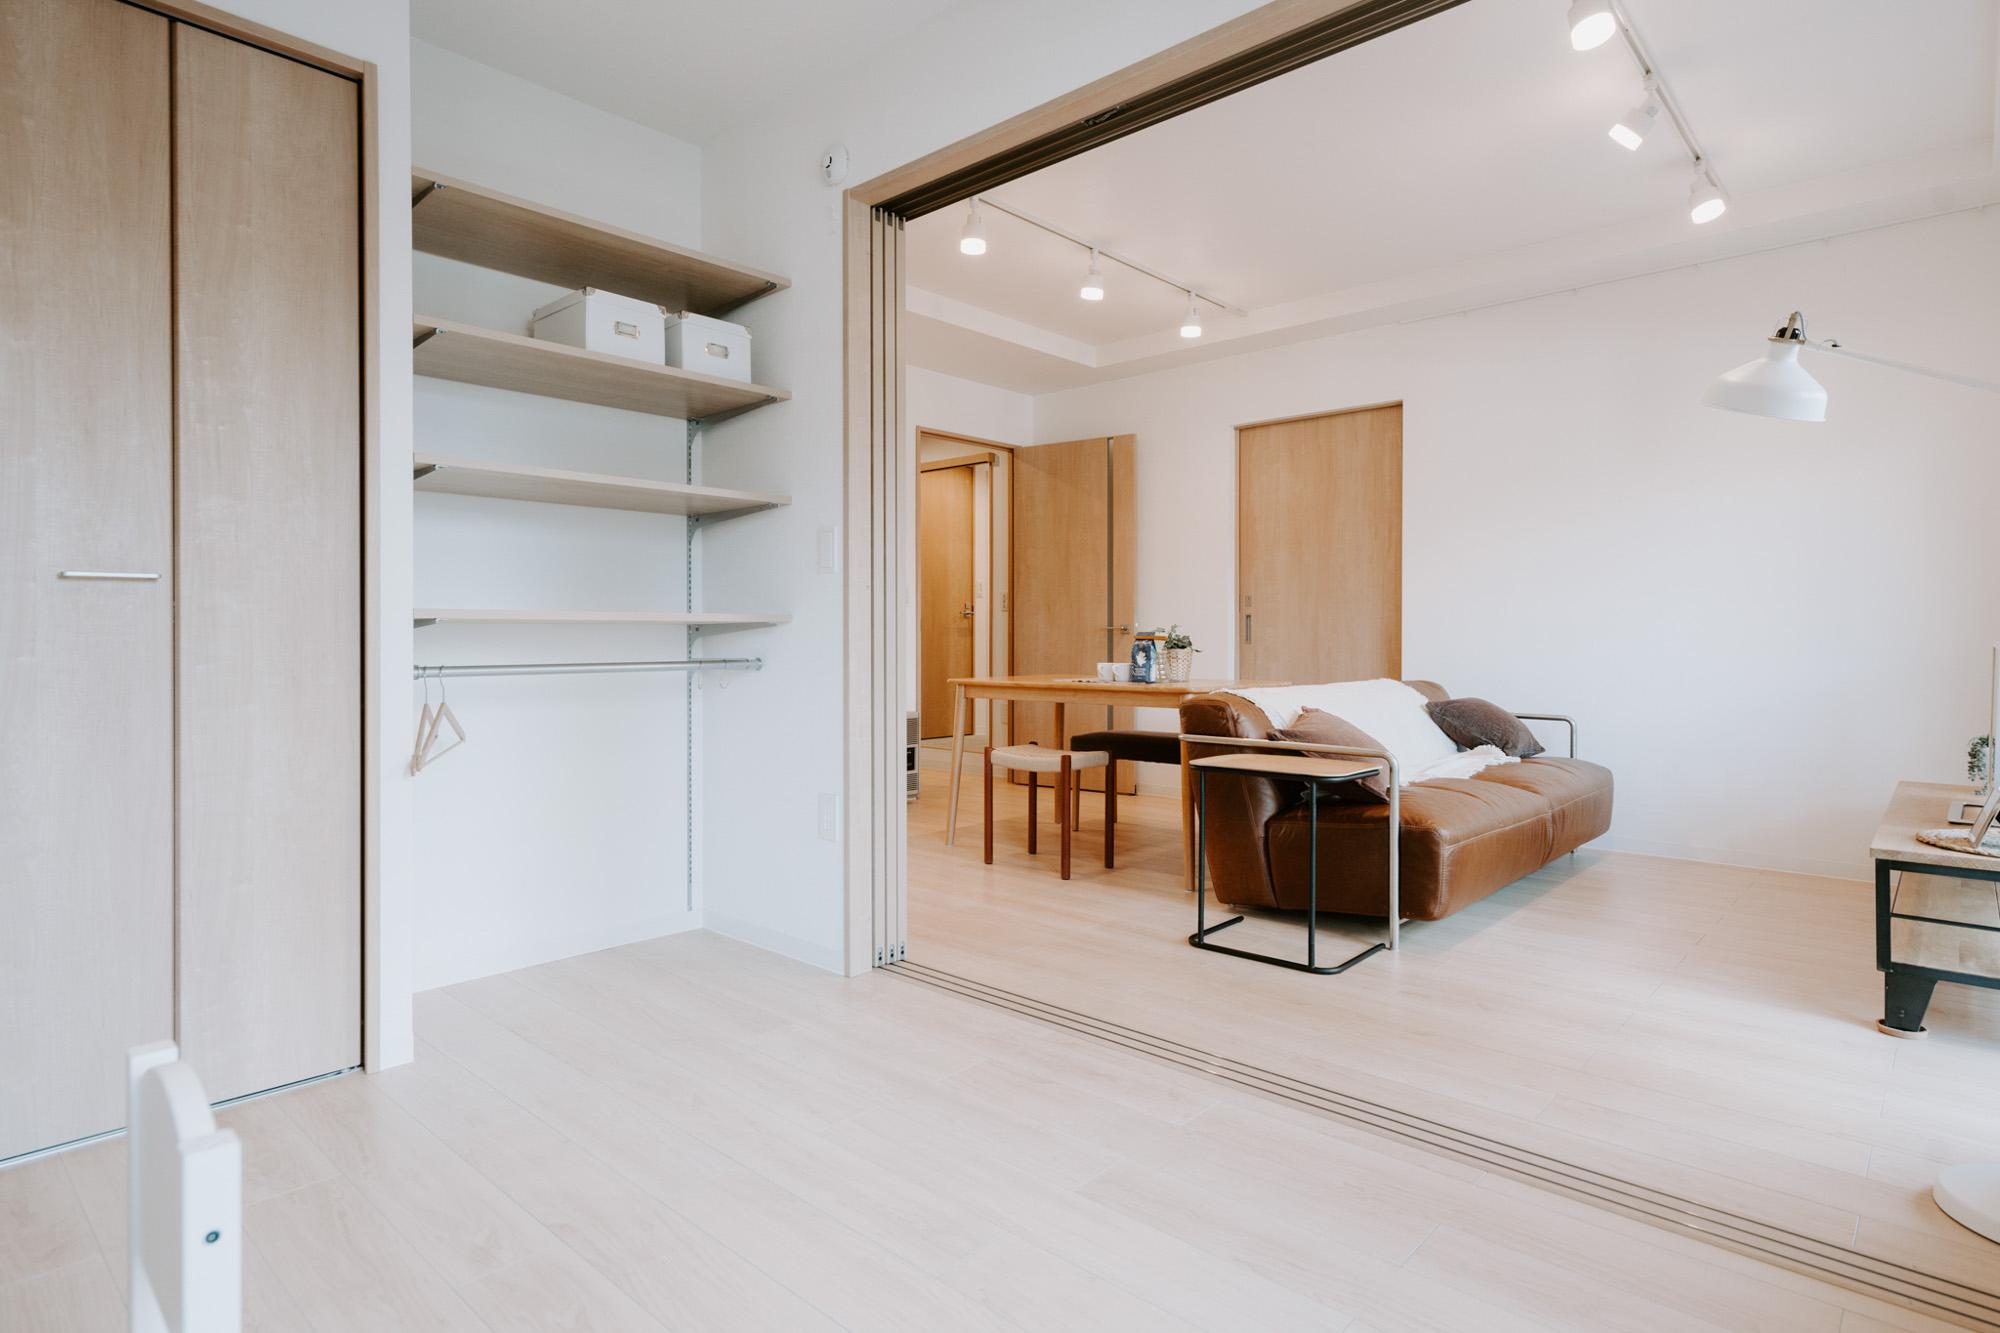 リビングスペースの隣には洋室が1部屋。引き戸をフルオープンにできるので、それだけでとても明るく広々と感じますね。